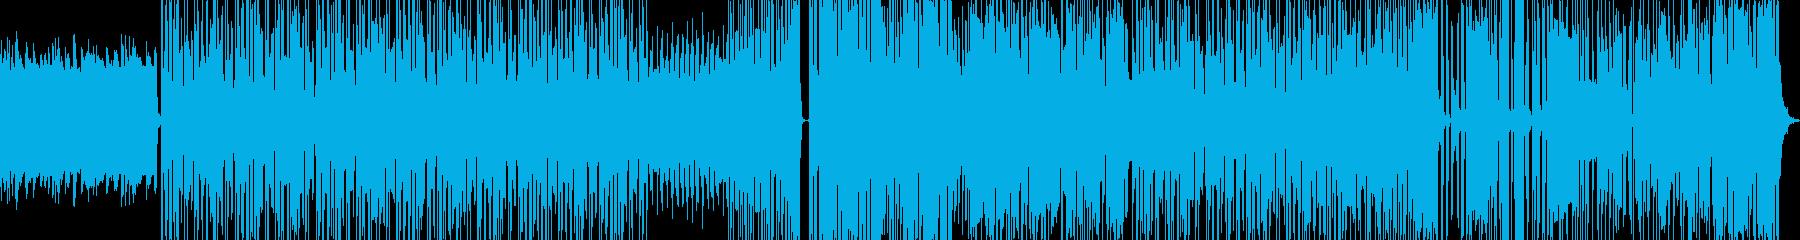 サイバーな感じの戦闘曲の再生済みの波形